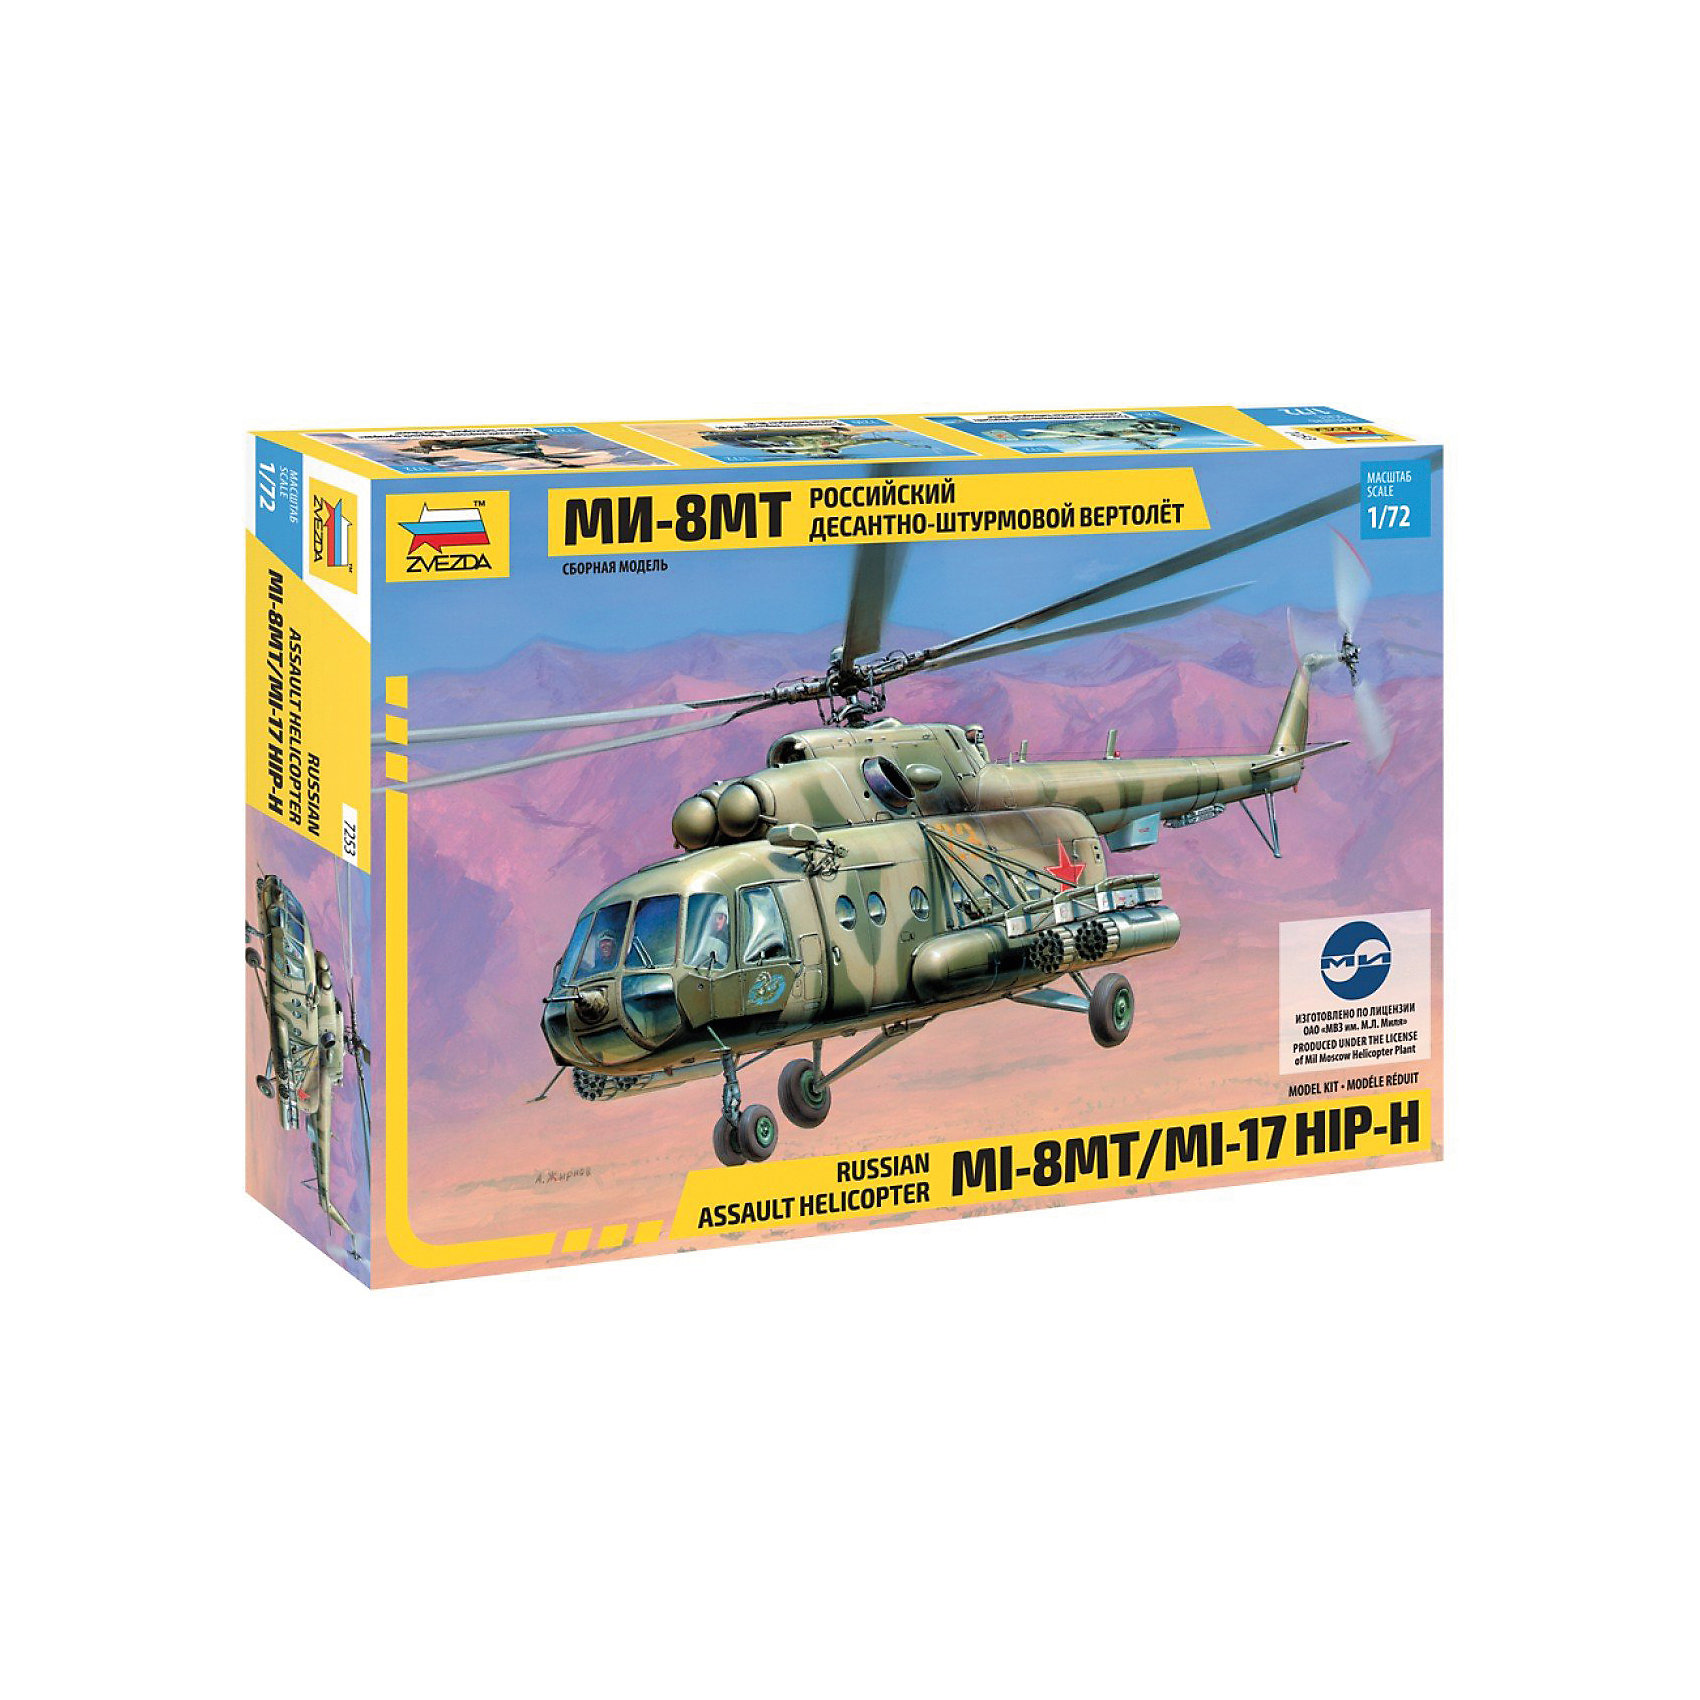 Сборная модель Вертолет Ми- 8МТ, ЗвездаСборка моделей вертолетов – весьма увлекательное и полезное занятие, которое приобретает все больше поклонников как среди детей, так и среди взрослых. Детям младшего возраста модели вертолетов для склеивания помогут развить моторику рук, привить внимание к деталям, усидчивость и терпение. Представляем Вашему вниманию сборную модель «Вертолет Ми-17»! После окончания сборки Вы получите реалистичную и очень детализированную модель боевого вертолета. Характер боёв в Афганистане выявил острою зависимость войск от вертолетов. В связи с этим в начале 80-х годов КБ Миля модернизировало свой известный вертолет Ми-8. Новая машина получила наименование Ми-17, ее оснастили новыми двигателями и усовершенствовали многие элементы конструкции. Был расширен состав вооружения и улучшена маневренность машины, что особенно важно в условиях боев в горах. <br> Соберите Вертолет Ми-17 для своей коллекции!<br><br>Дополнительная информация:<br><br>- В комплекте : 179 деталей и инструкция по сборке;<br>- Масштаб: 1:72;<br>- Прекрасный экспонат для коллекции;<br>- Длина модели: 25,5 см;<br>- Размер упаковки: 34 х 24 х 6 см;<br>- Вес: 255 г<br><br>Сборную модель Вертолет Ми-17, Звезда можно купить в нашем интернет-магазине.<br><br>Ширина мм: 304<br>Глубина мм: 50<br>Высота мм: 205<br>Вес г: 255<br>Возраст от месяцев: 84<br>Возраст до месяцев: 168<br>Пол: Мужской<br>Возраст: Детский<br>SKU: 3789487